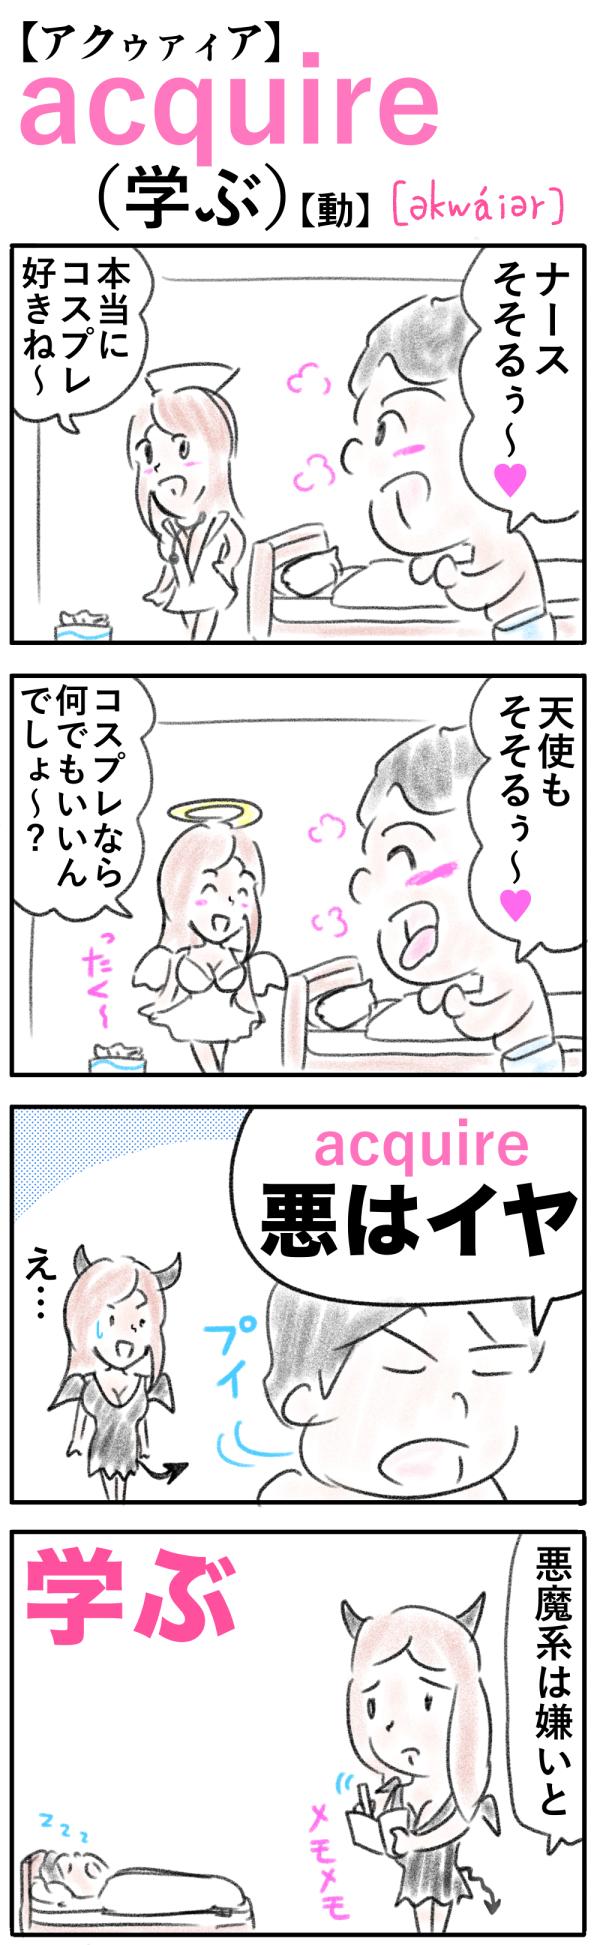 acquire(学ぶ)の語呂合わせ英単語